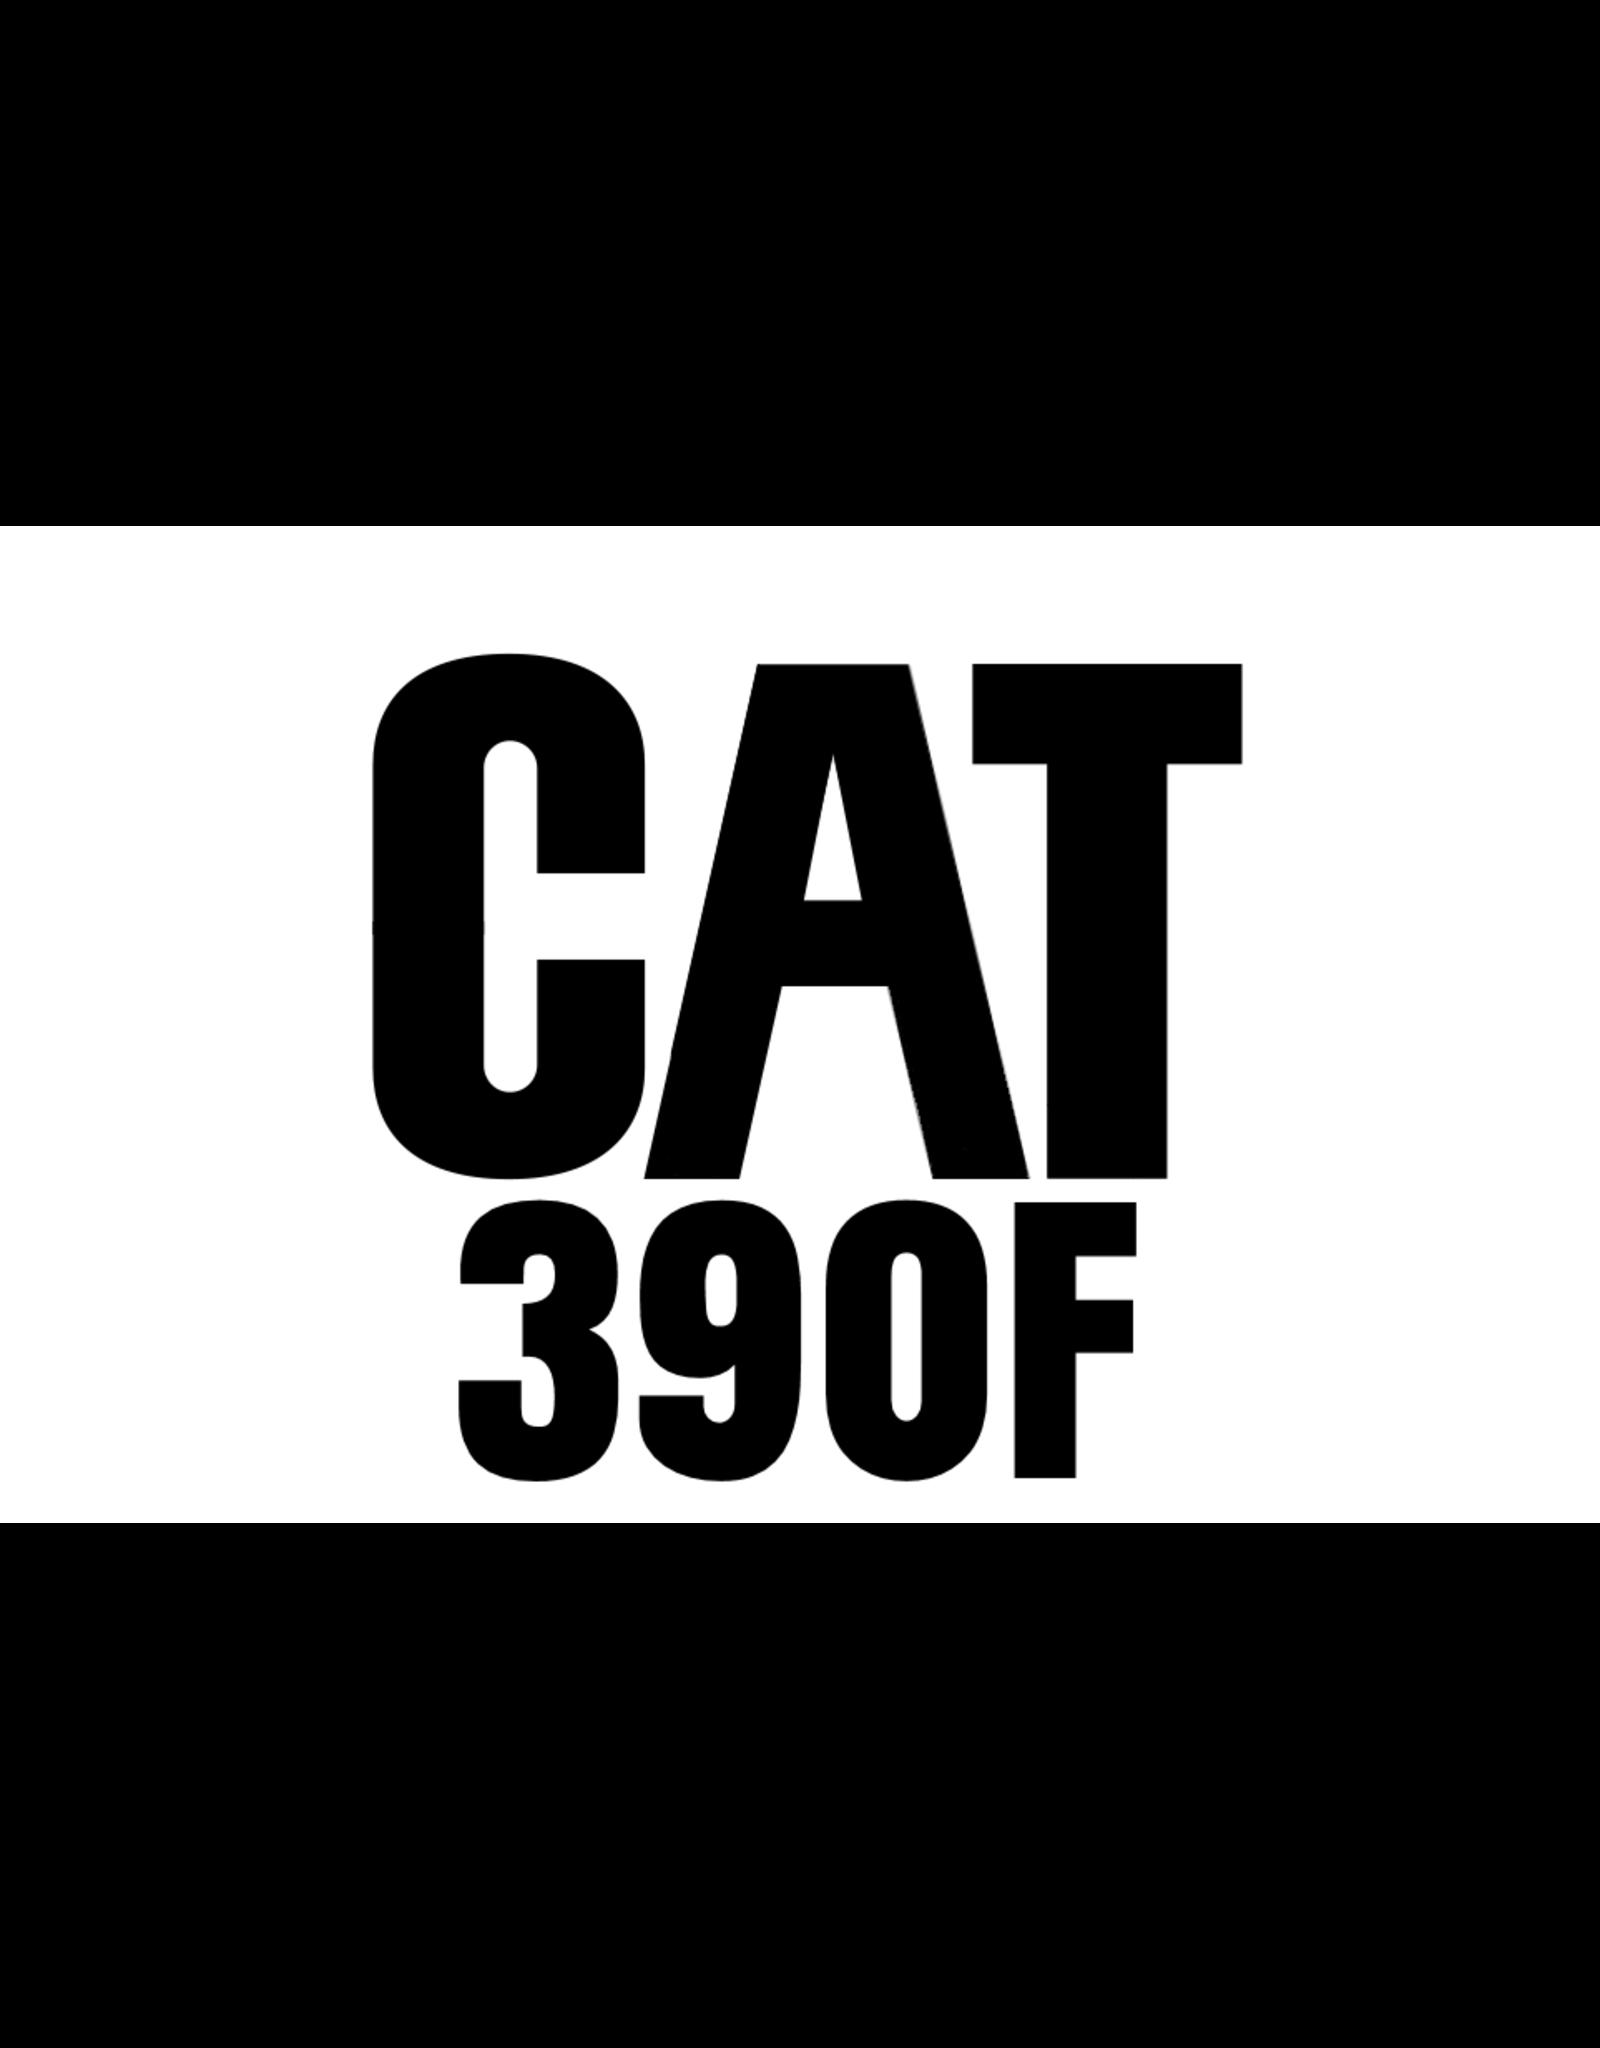 Echle Hartstahl GmbH FOPS für CAT 390F